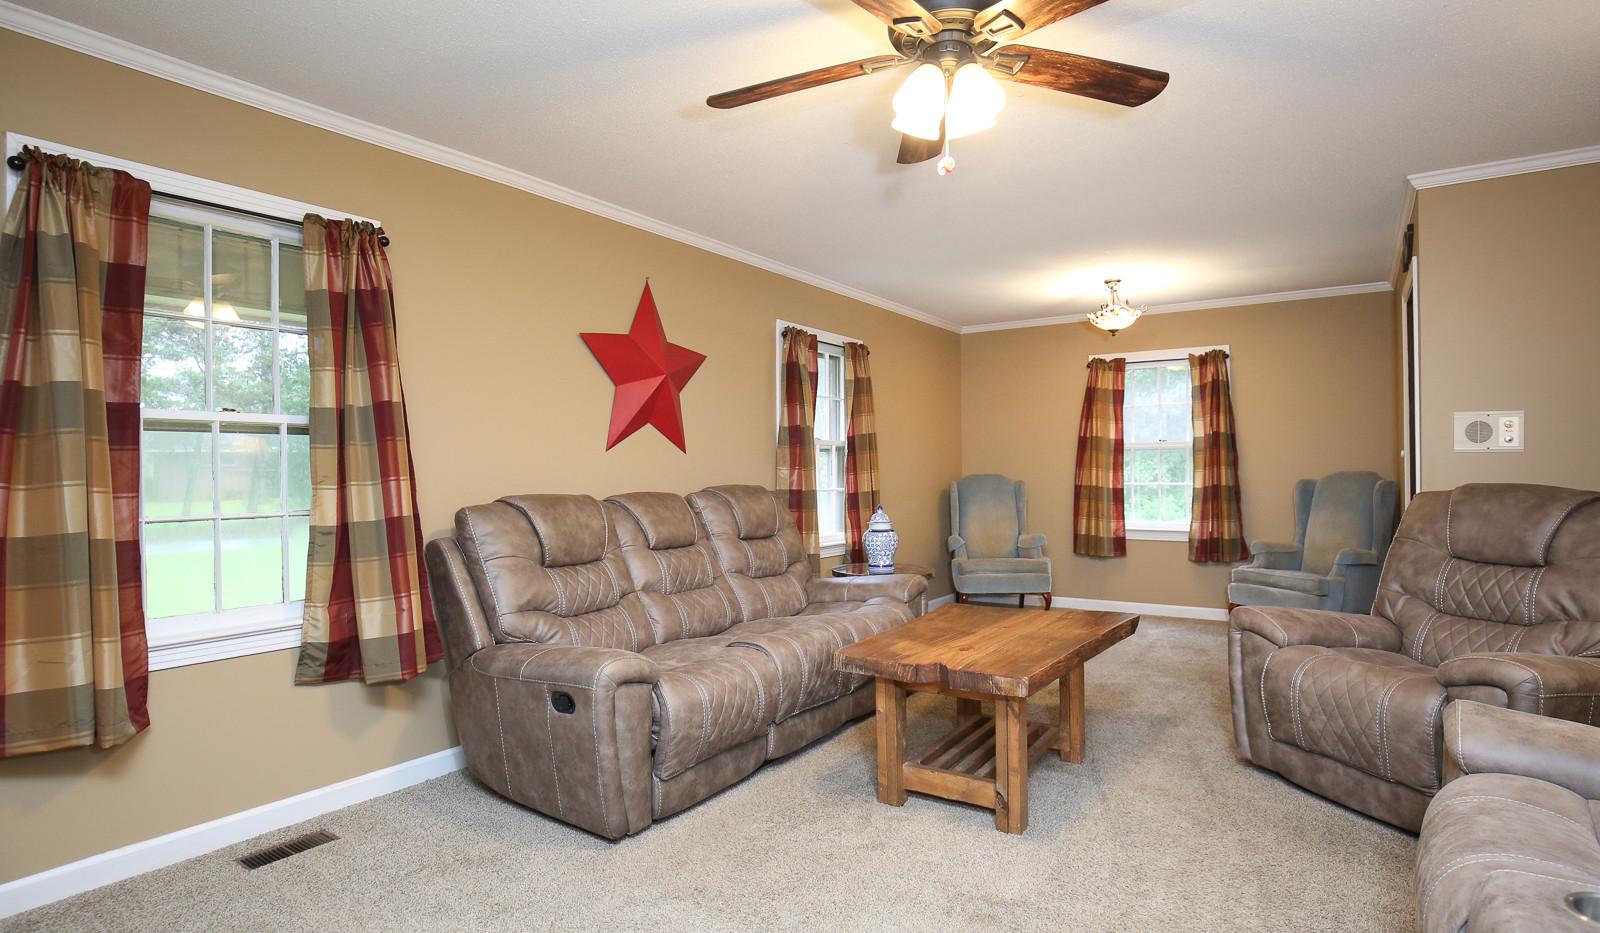 005_294_barnes_ave_living_room.jpg